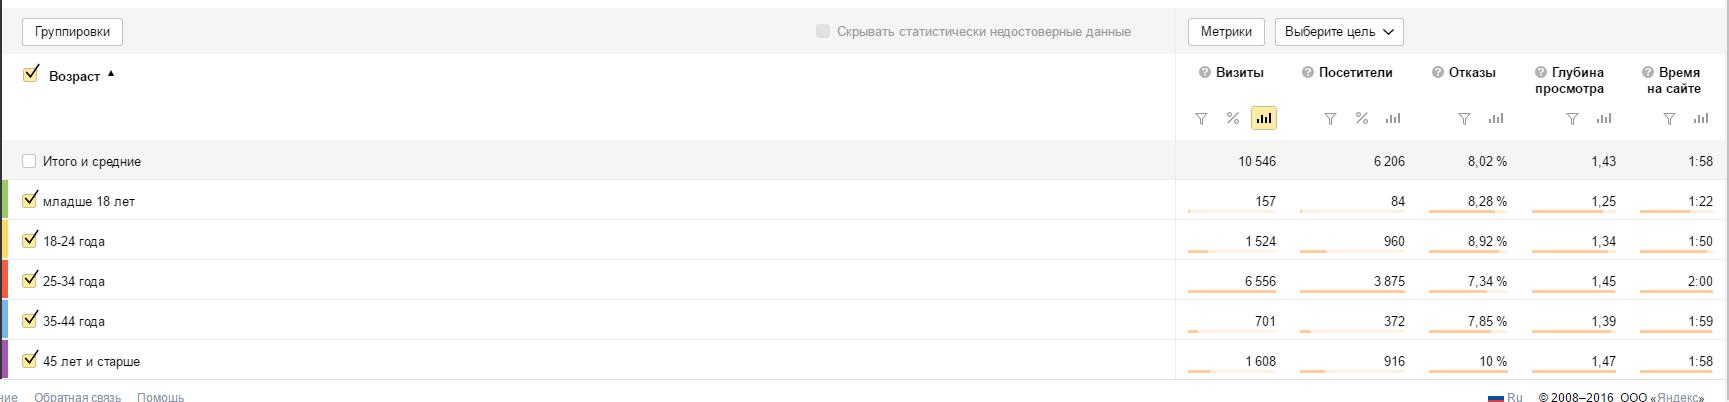 Статистика Яндекс Метрики о просмотрах сайта с мобильных телефонов